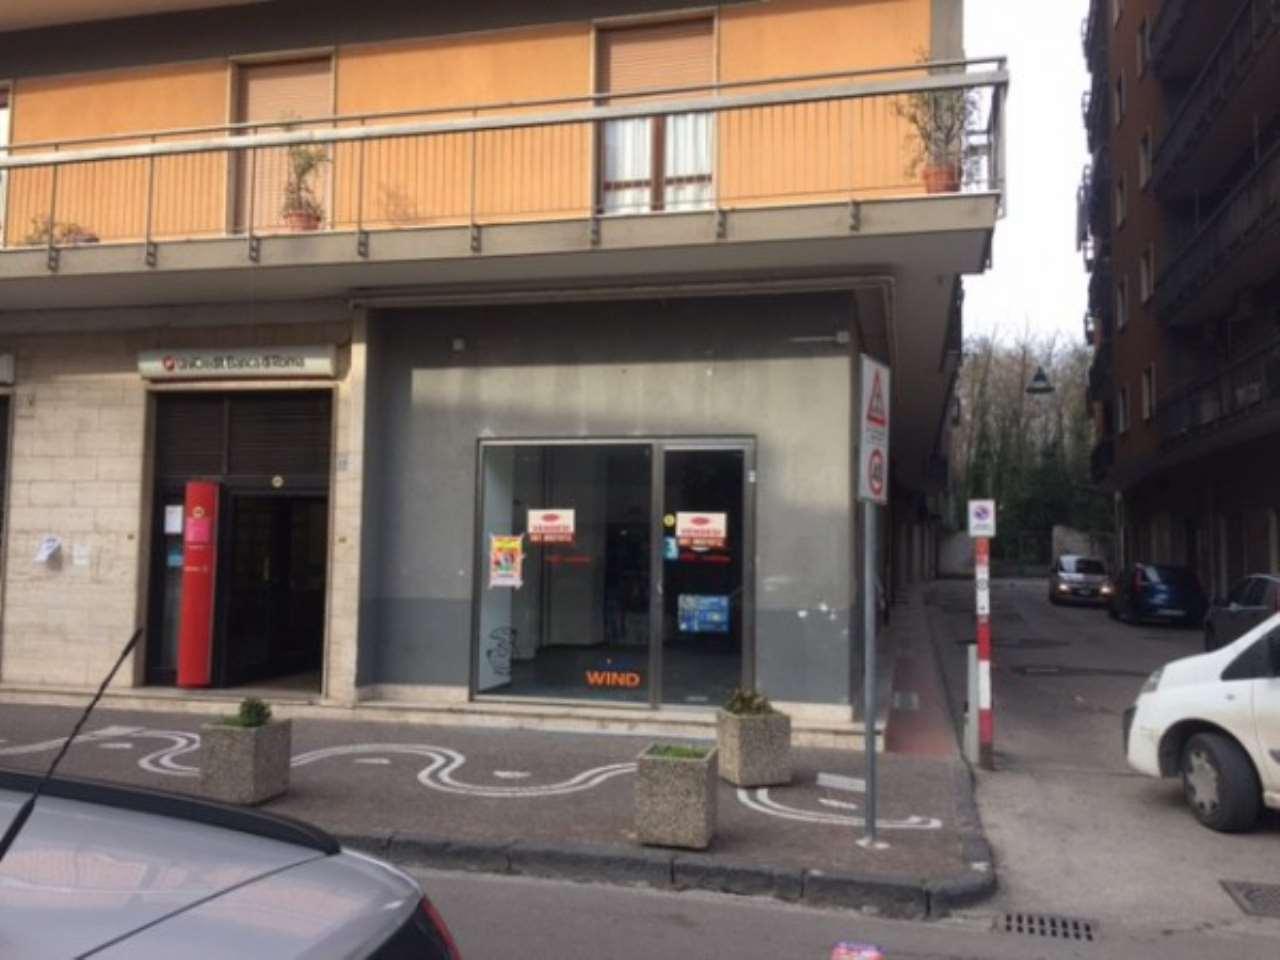 Negozio / Locale in vendita a Poggiomarino, 1 locali, Trattative riservate | Cambio Casa.it